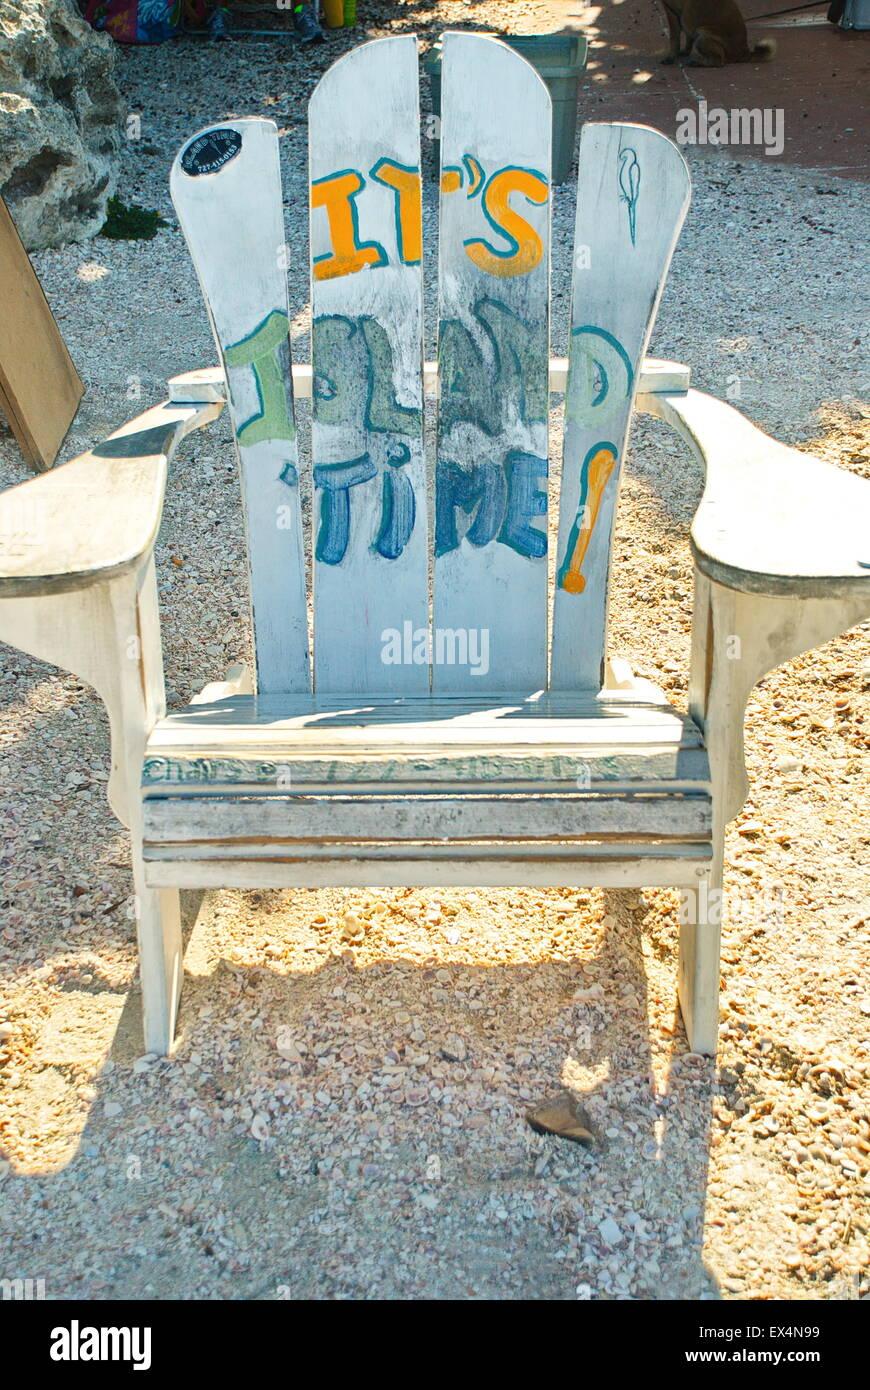 Strandkorb gemalt  Alte baufällige Strandkorb gemalt mit dem Slogan, 'Es ist Zeit ...